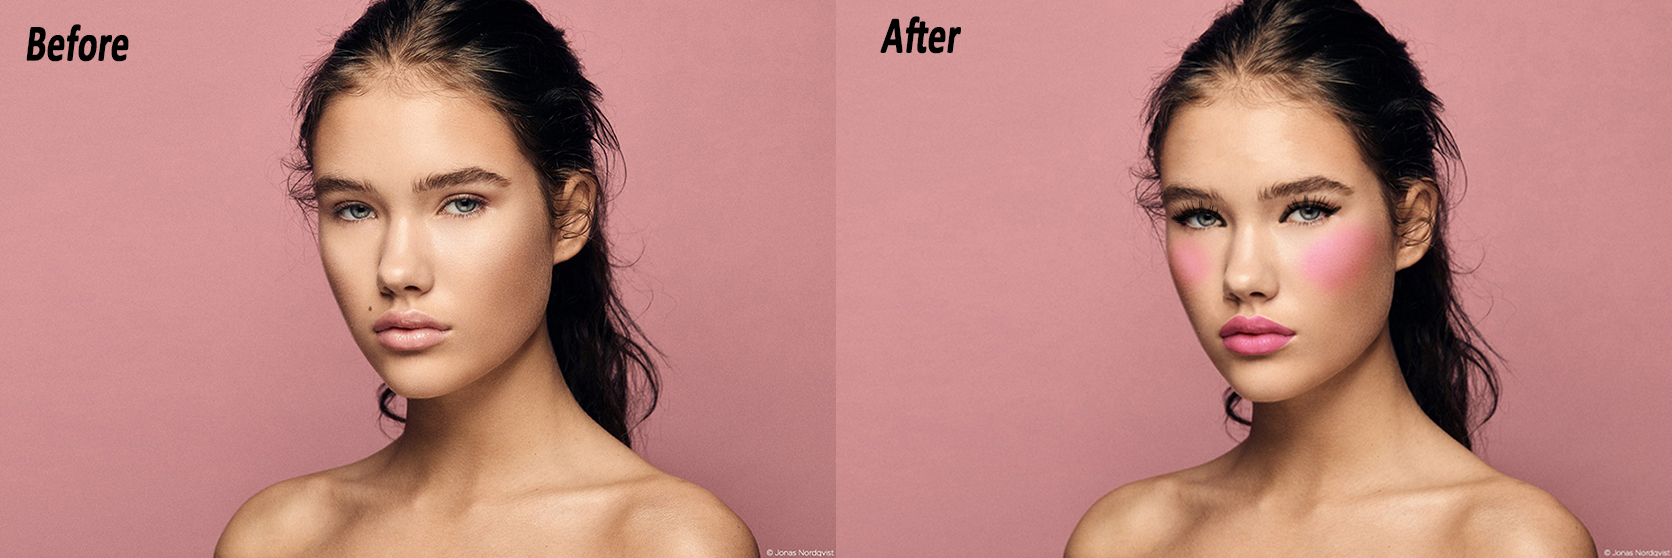 I will do photo-retouching using Photoshop fast